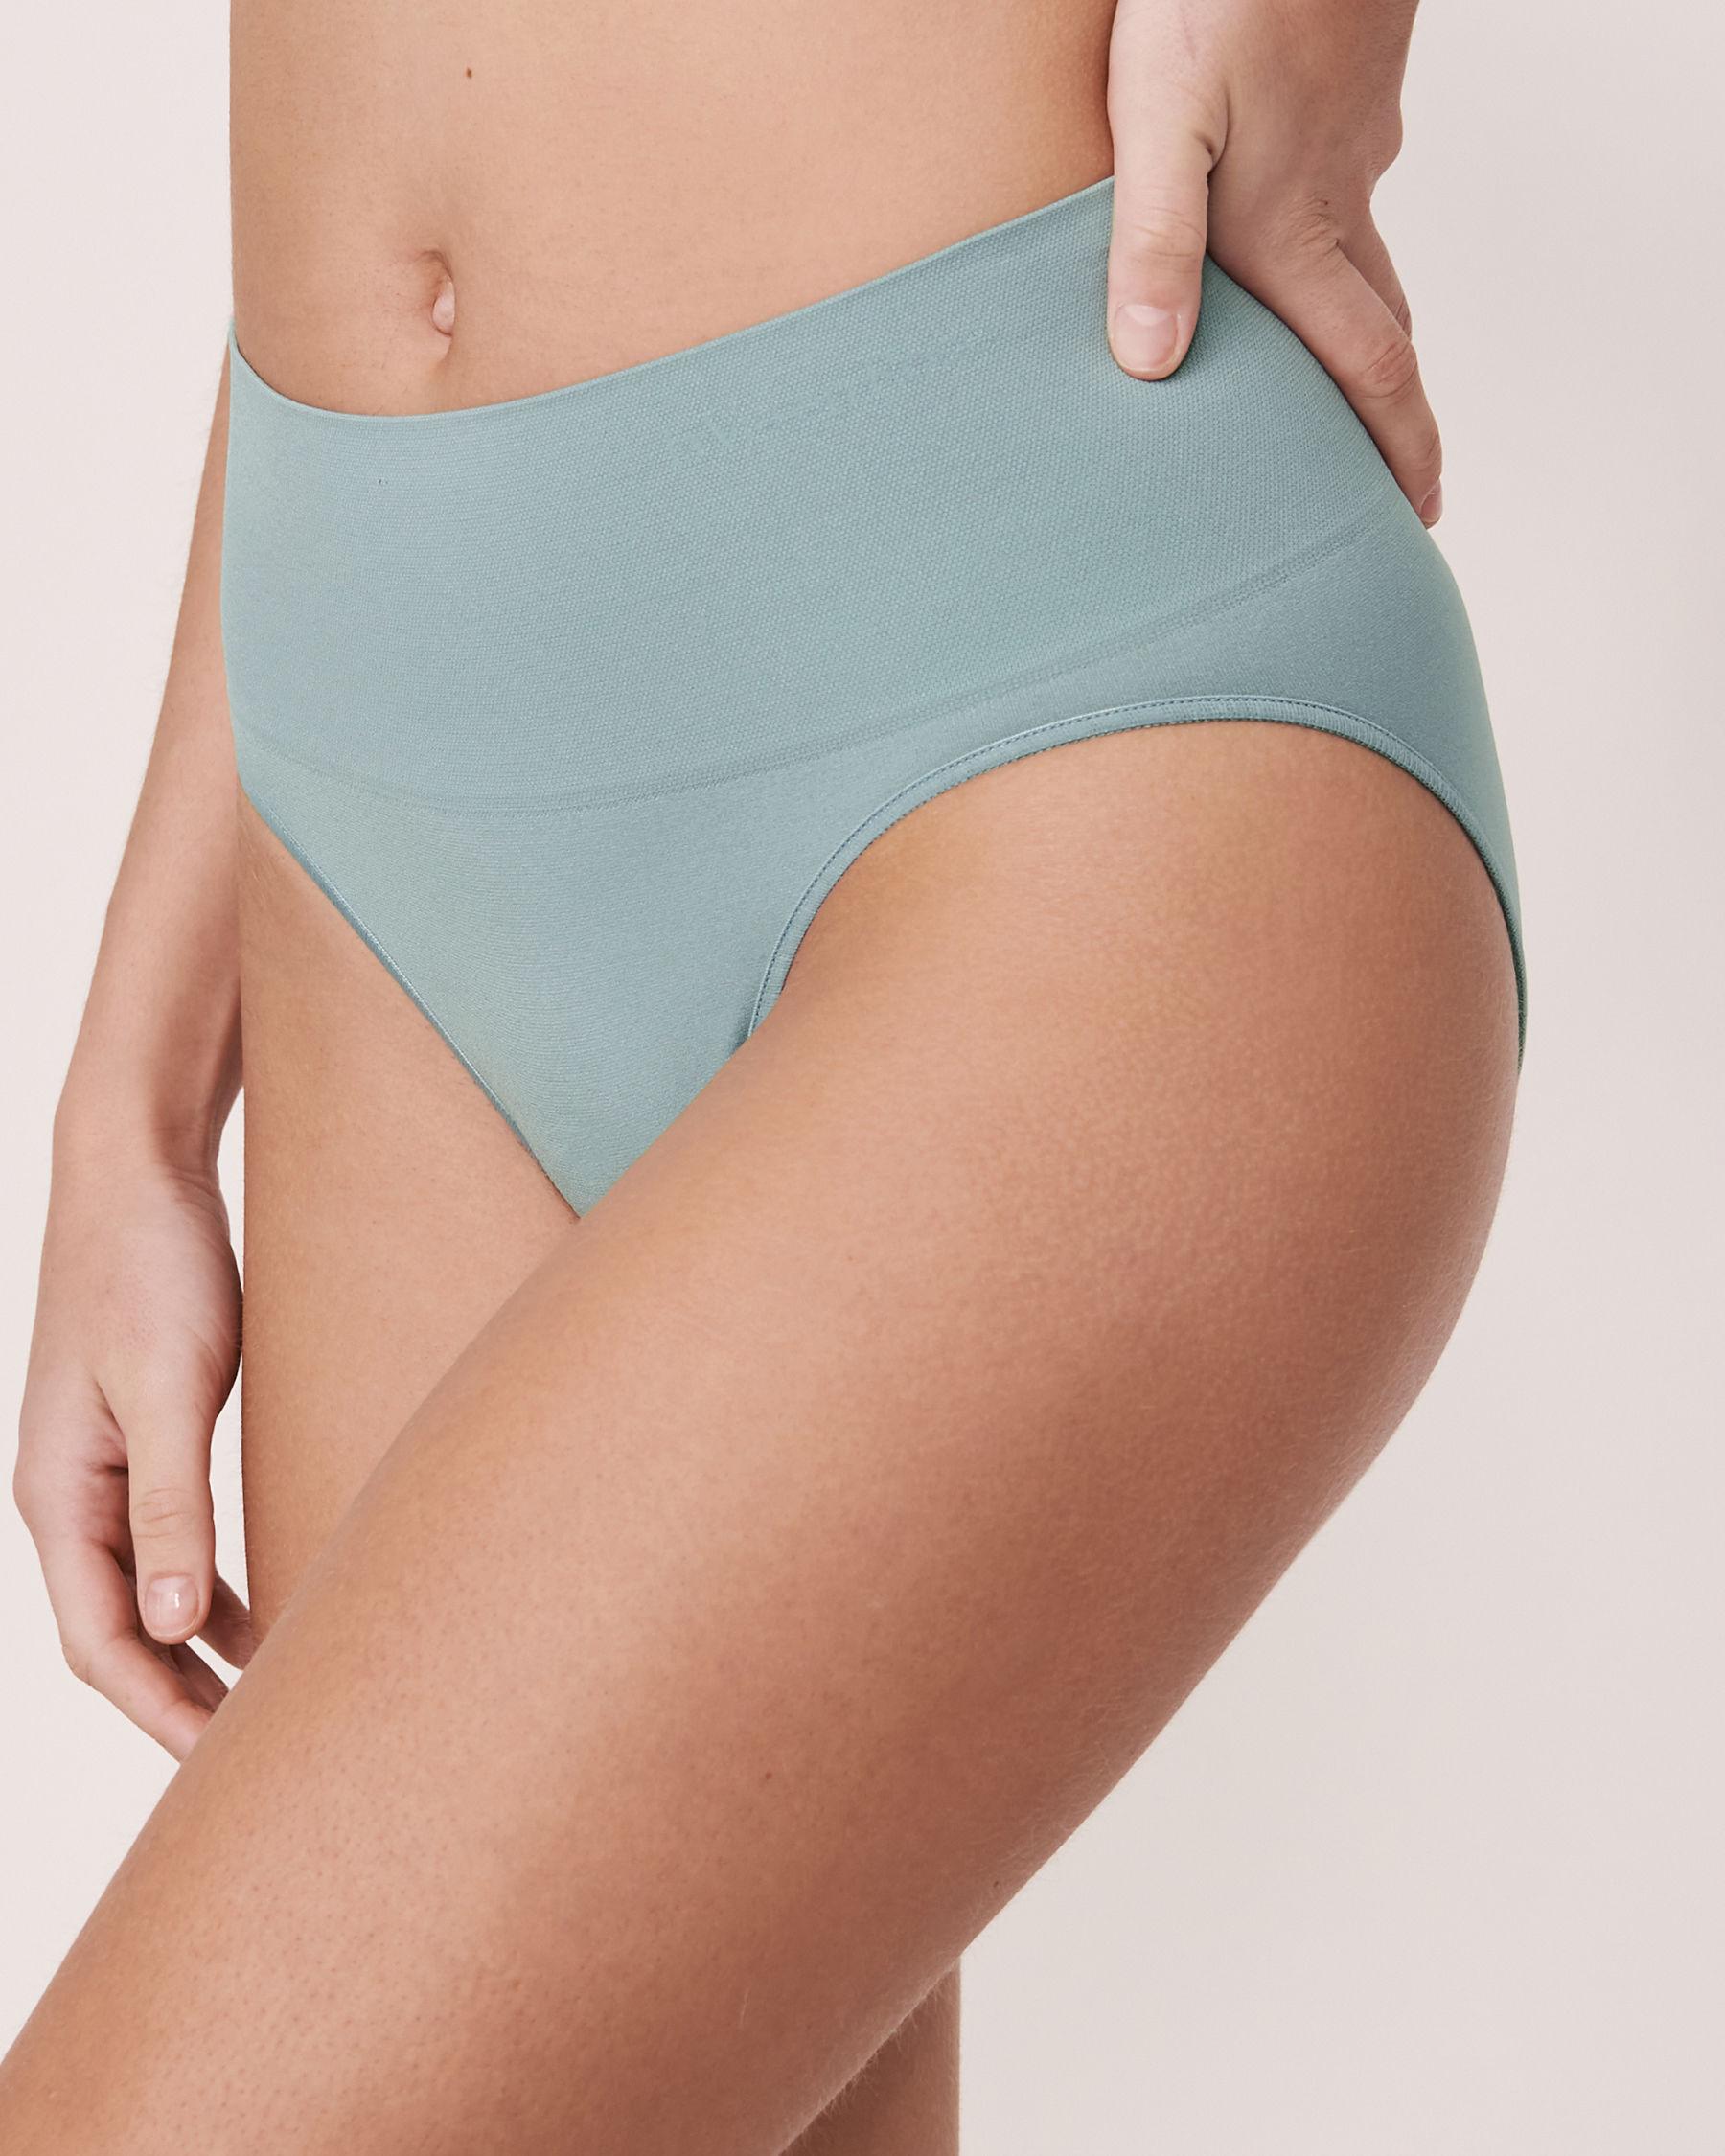 LA VIE EN ROSE Seamless High Waist Bikini Panty Blue grey 20200027 - View1